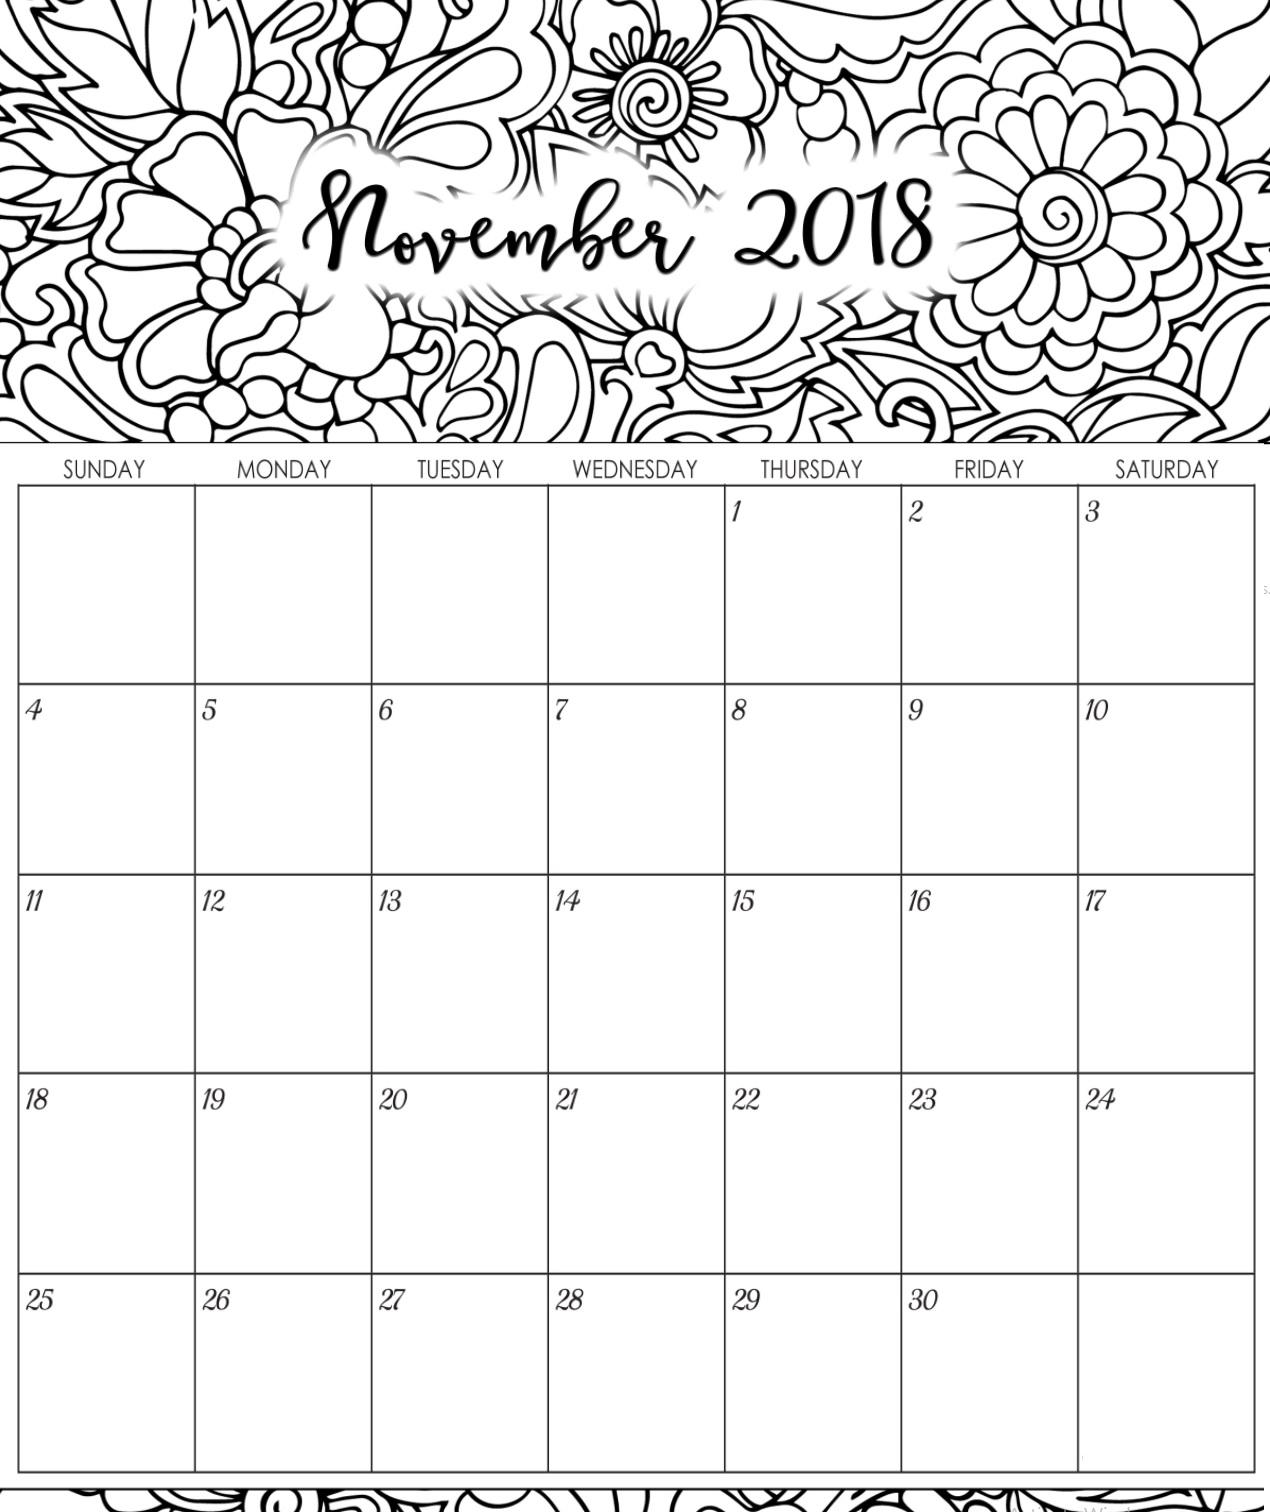 Printable November 2018 Coloring Calendar